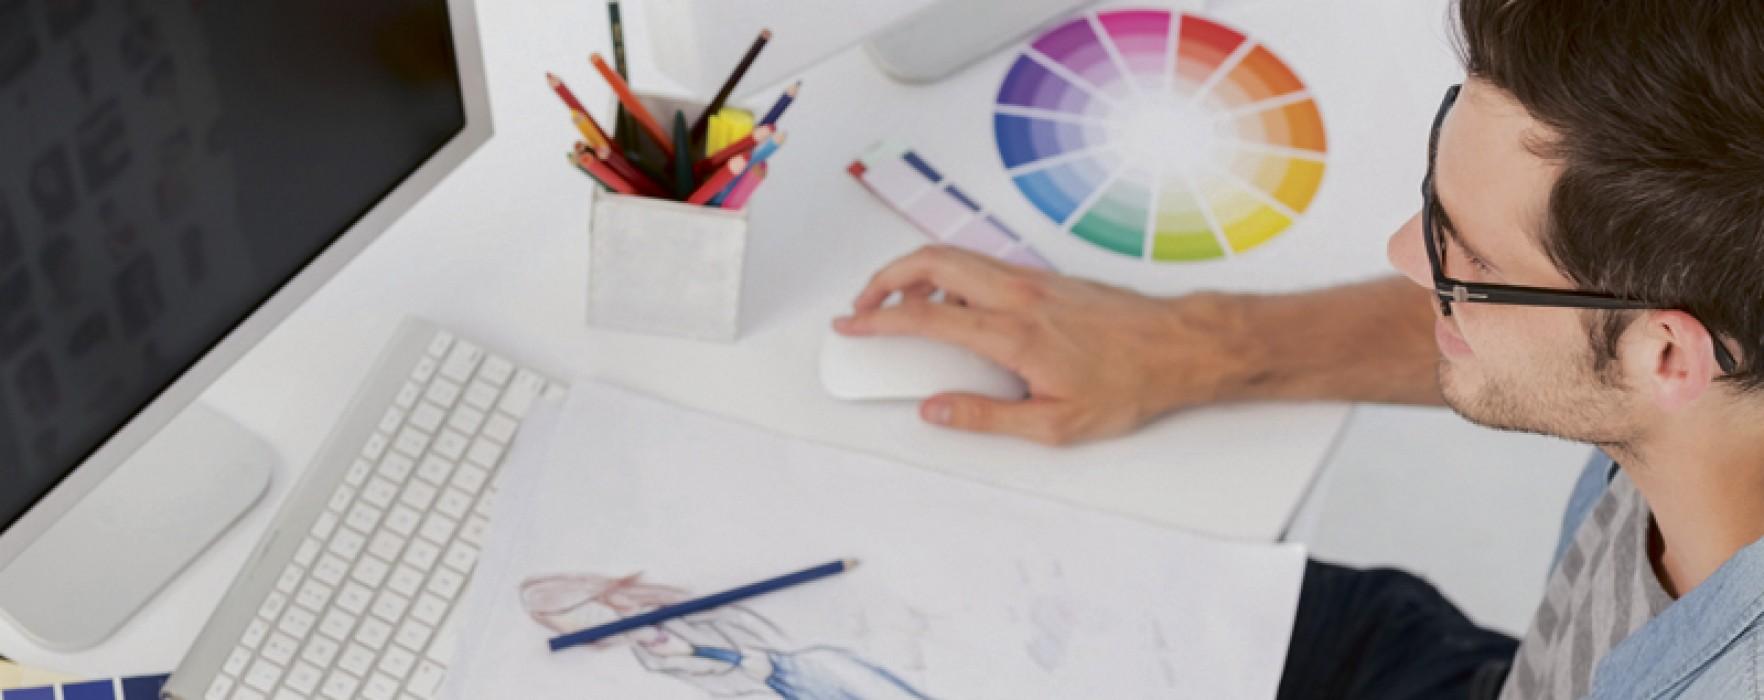 Quel cursus pour devenir infographiste ?